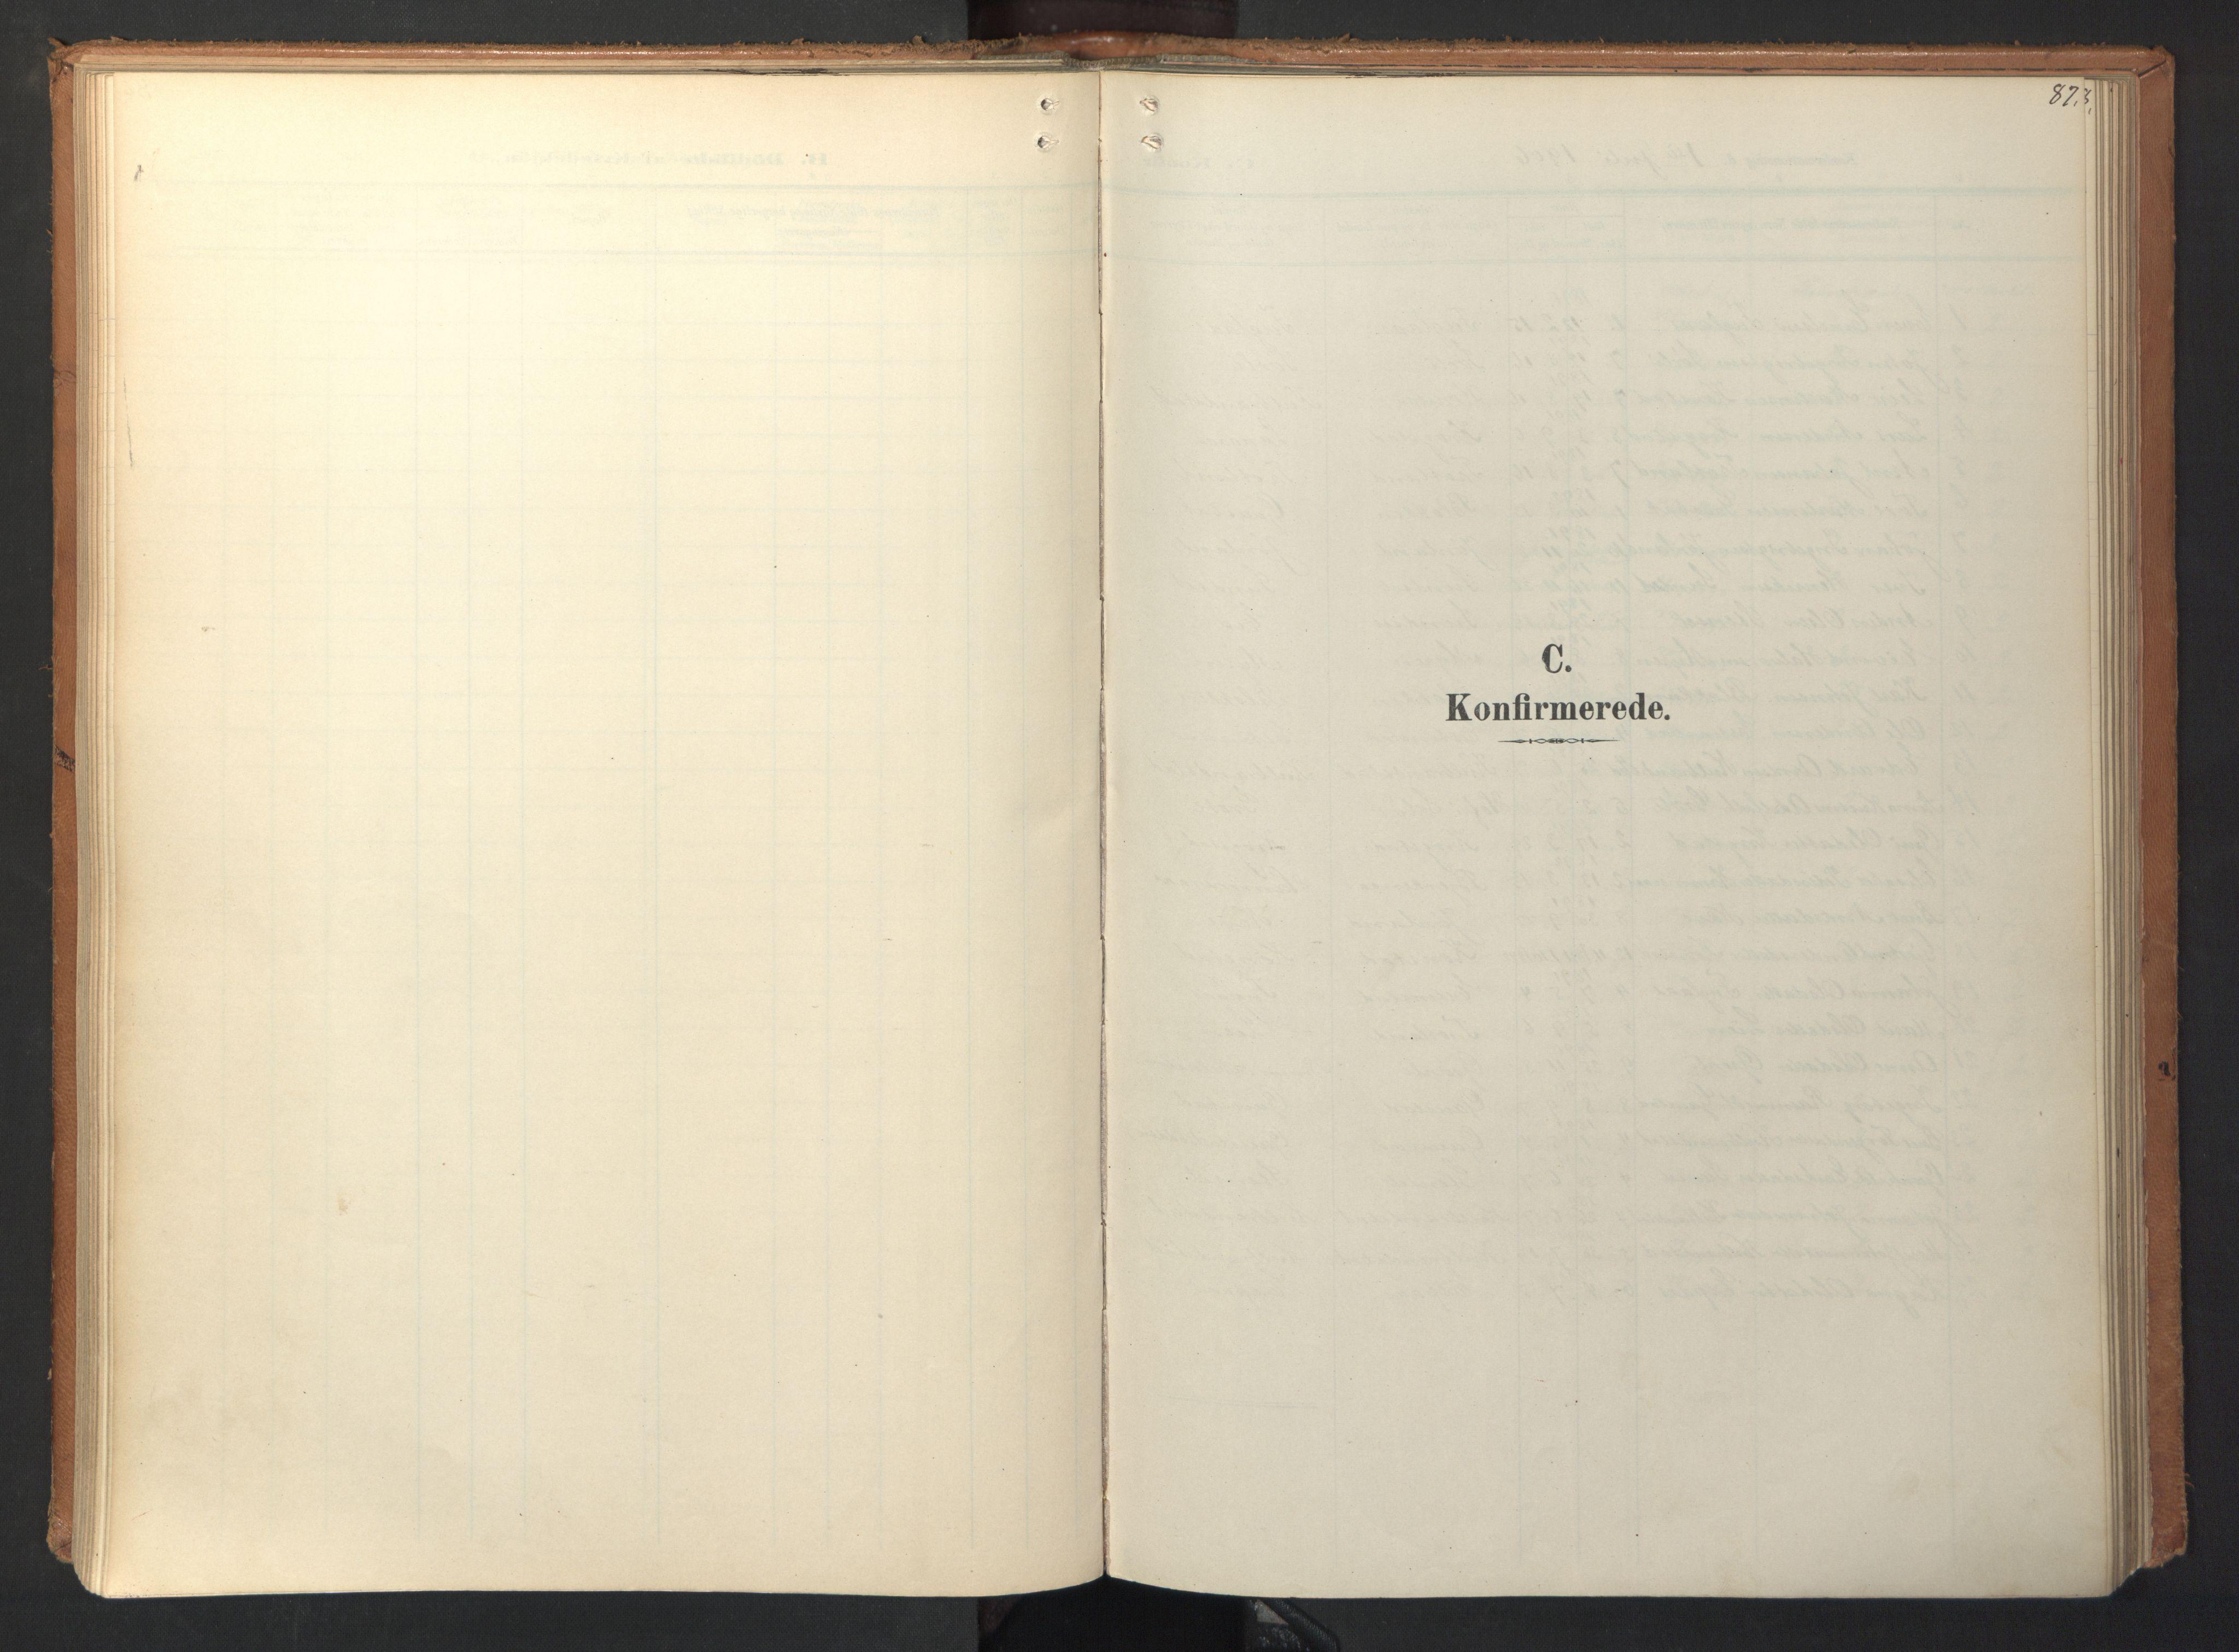 SAT, Ministerialprotokoller, klokkerbøker og fødselsregistre - Sør-Trøndelag, 694/L1128: Ministerialbok nr. 694A02, 1906-1931, s. 87